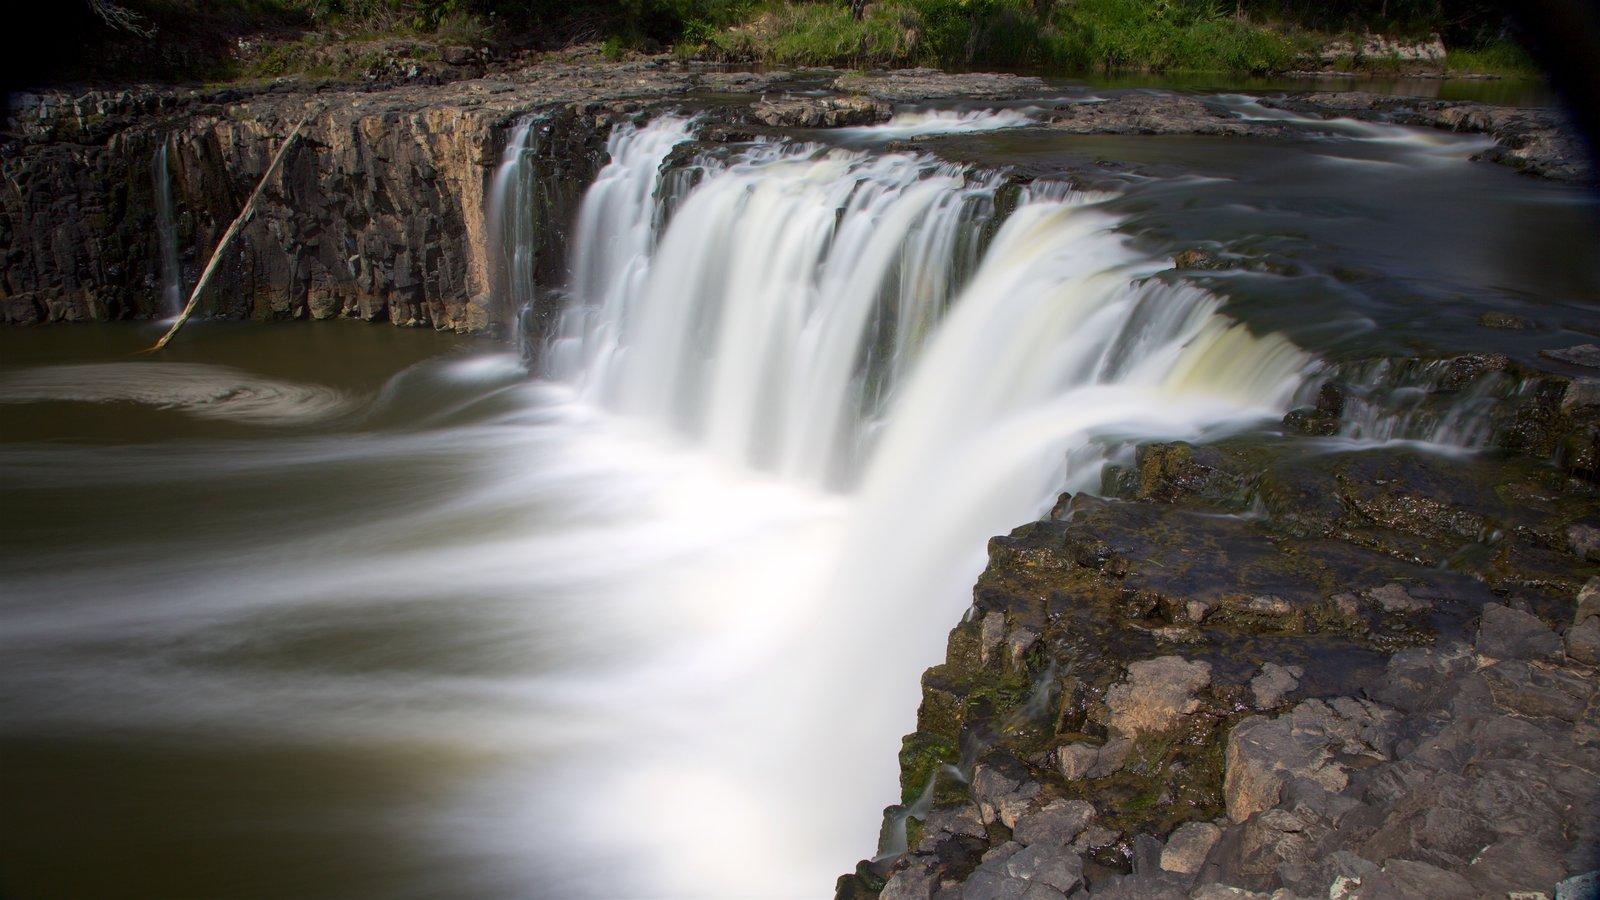 Cascadas de Hururu ofreciendo una cascada y un río o arroyo